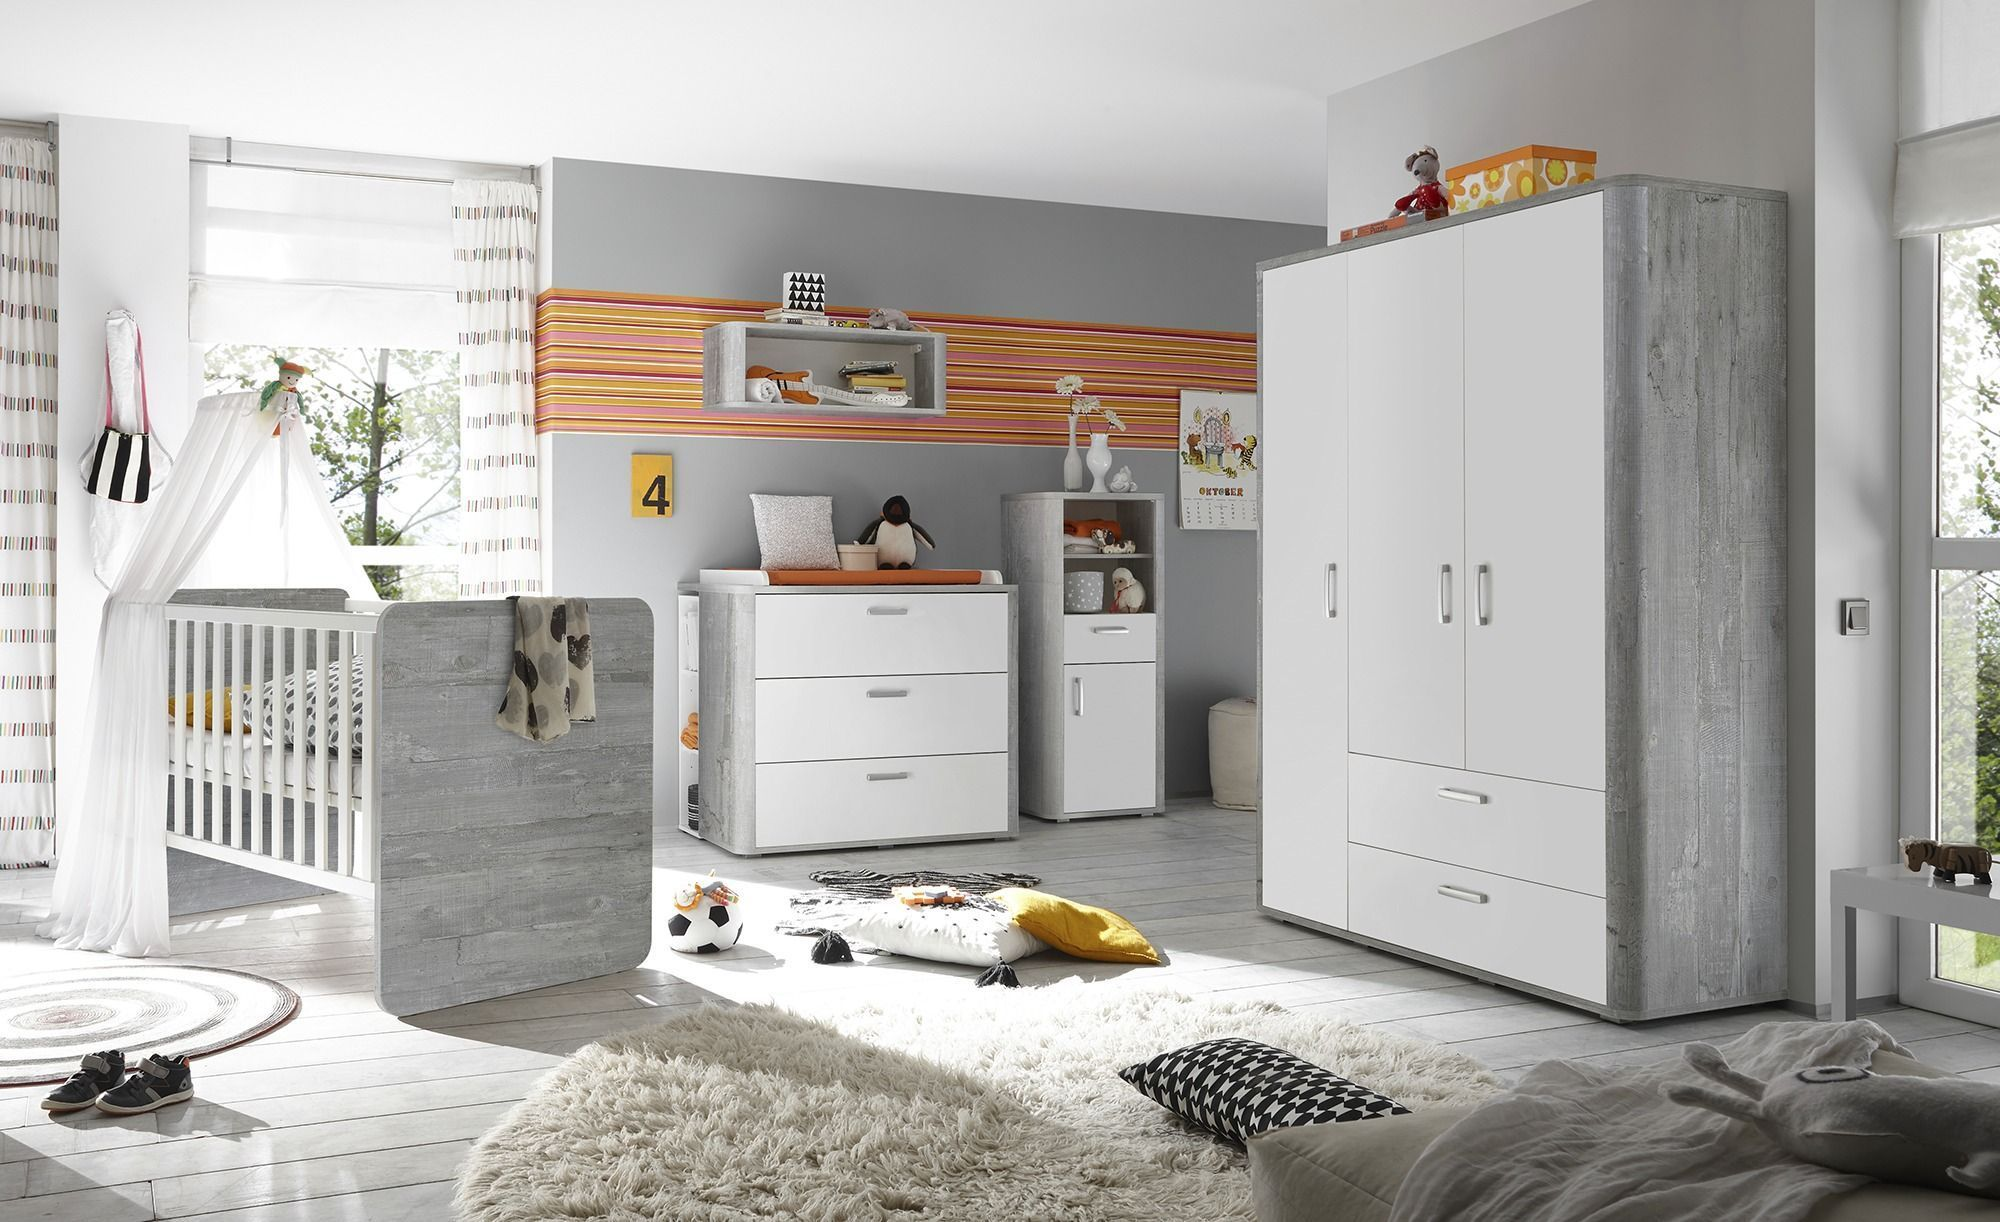 Hannes Kinderbett Gefunden Bei Mobel Hoffner In 2020 Babyzimmer Ideen Wandgestaltung Kinderzimmer Kinderbett